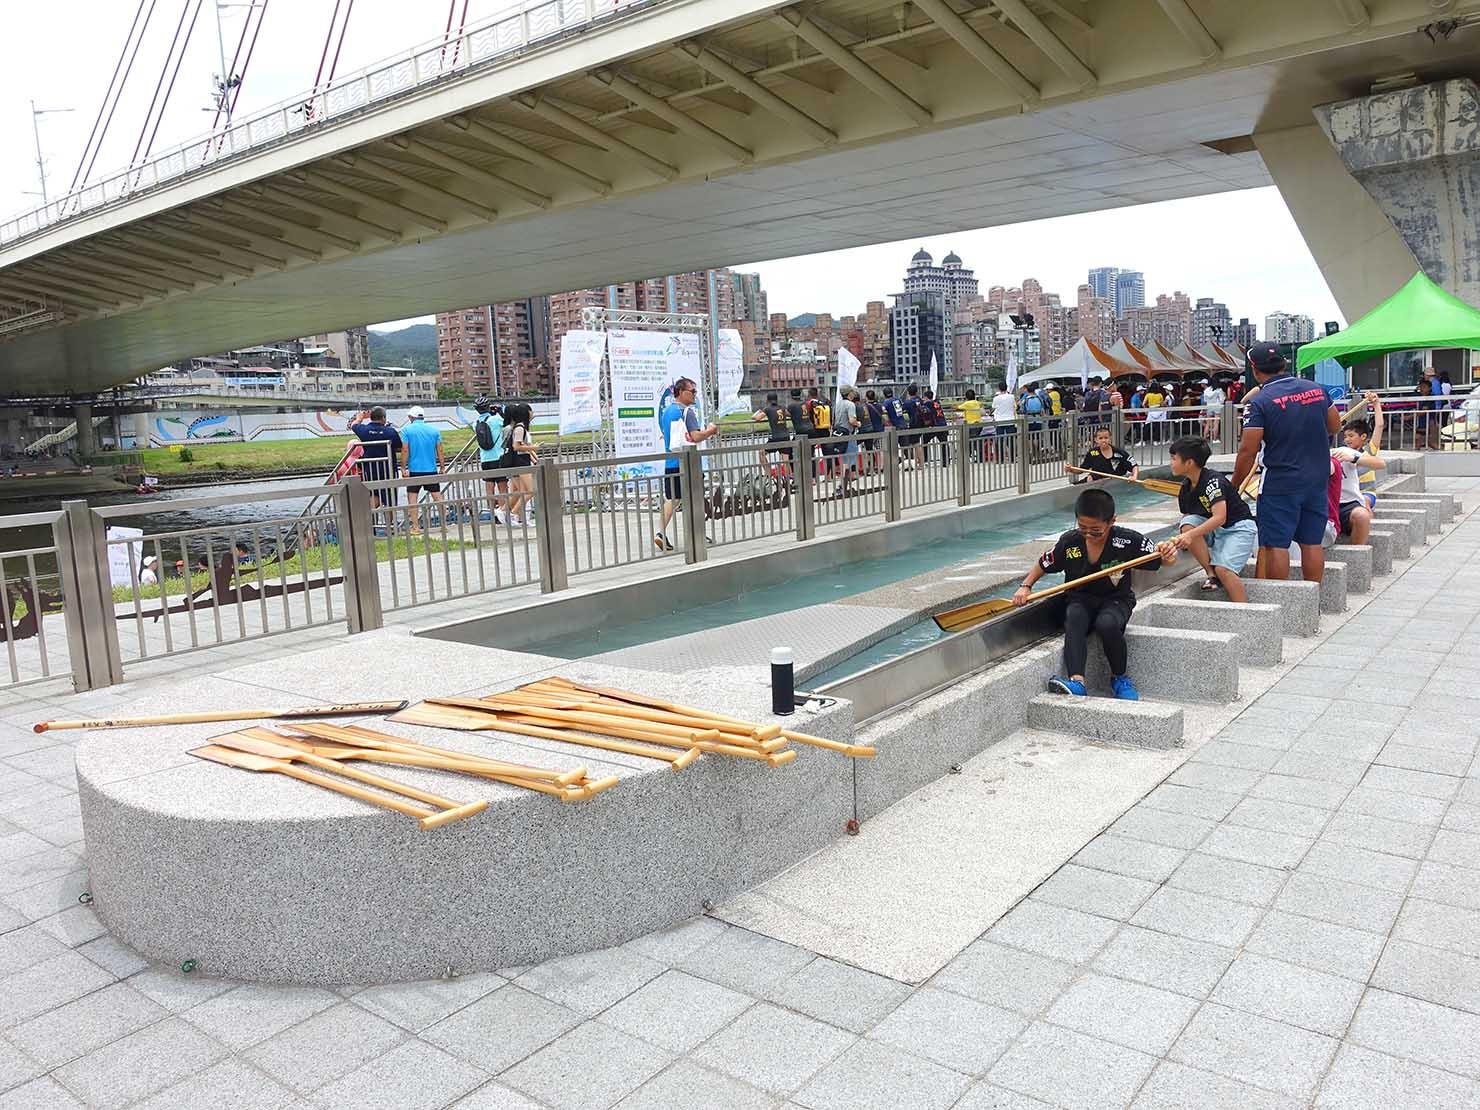 端午節の台北で行われた「龍舟競賽(ドラゴンボートレース)」のボート漕ぎ体験